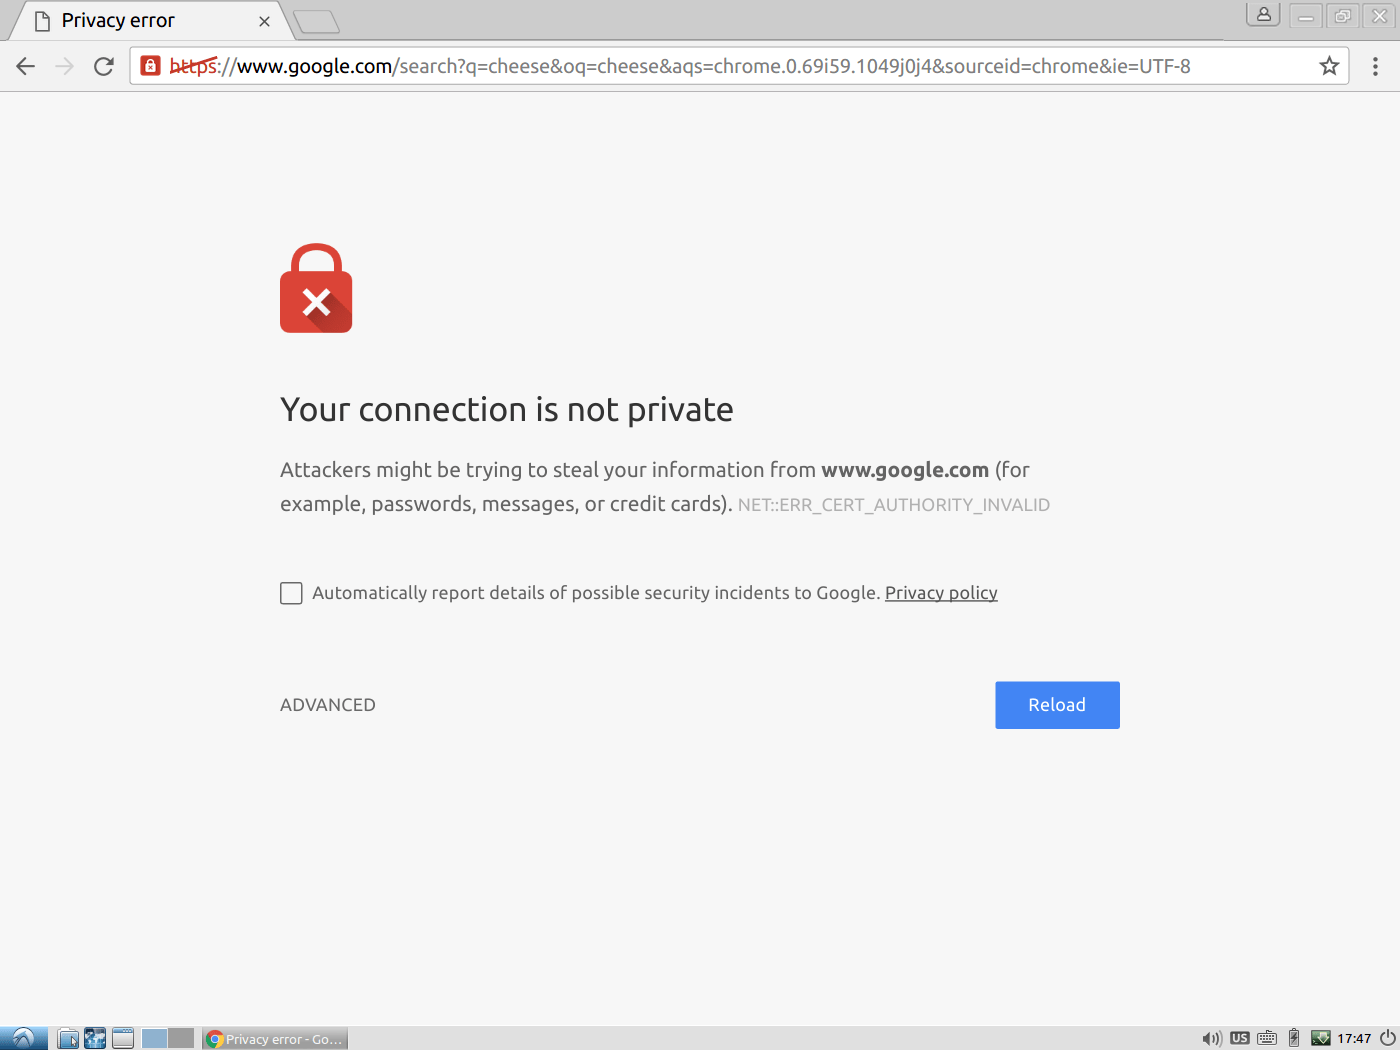 Chrome Privacy Error Issue